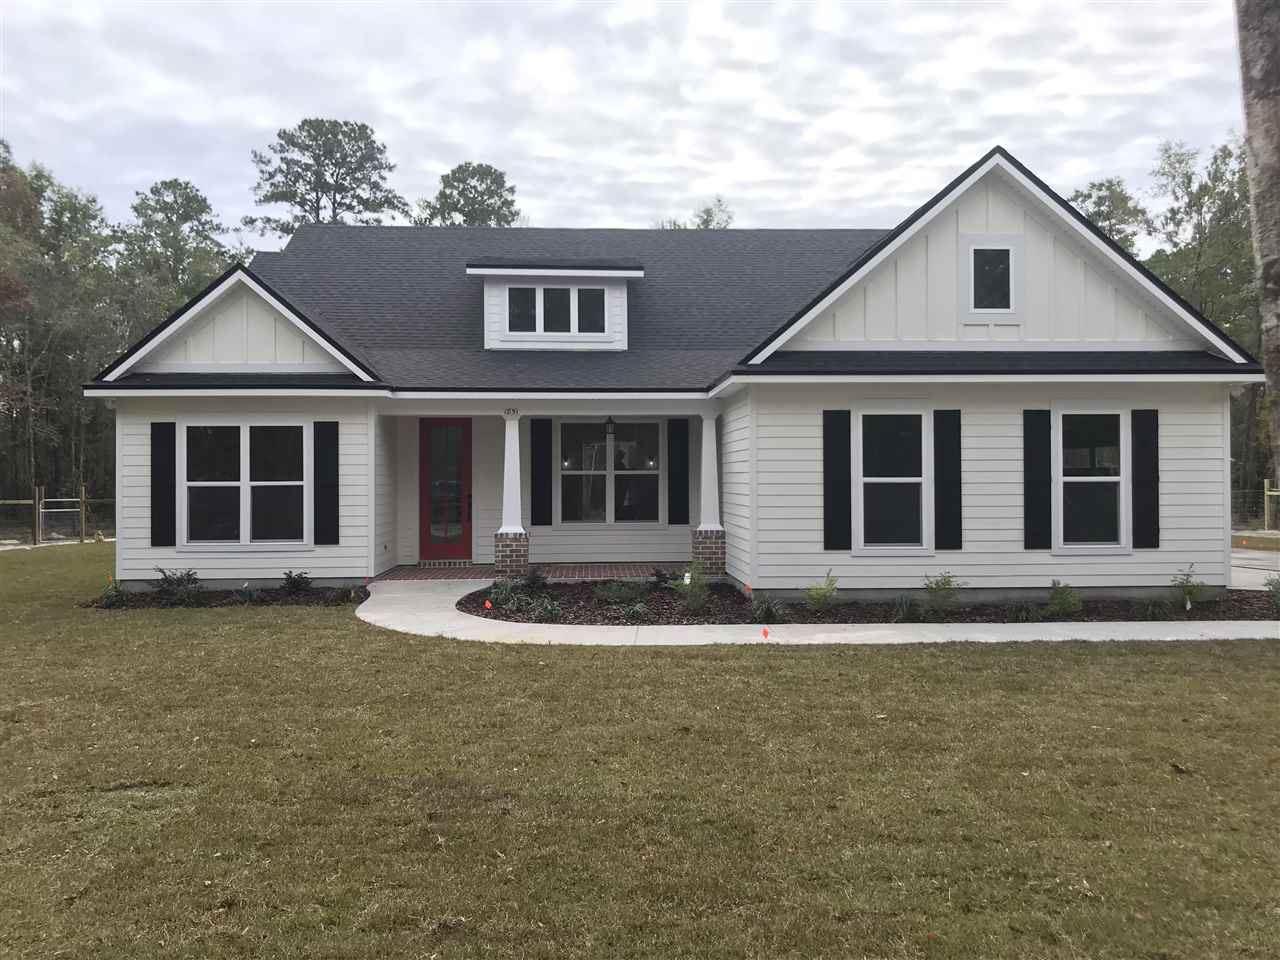 Lot 1 Brooks Way, Crawfordville, FL 32327 - MLS#: 336434